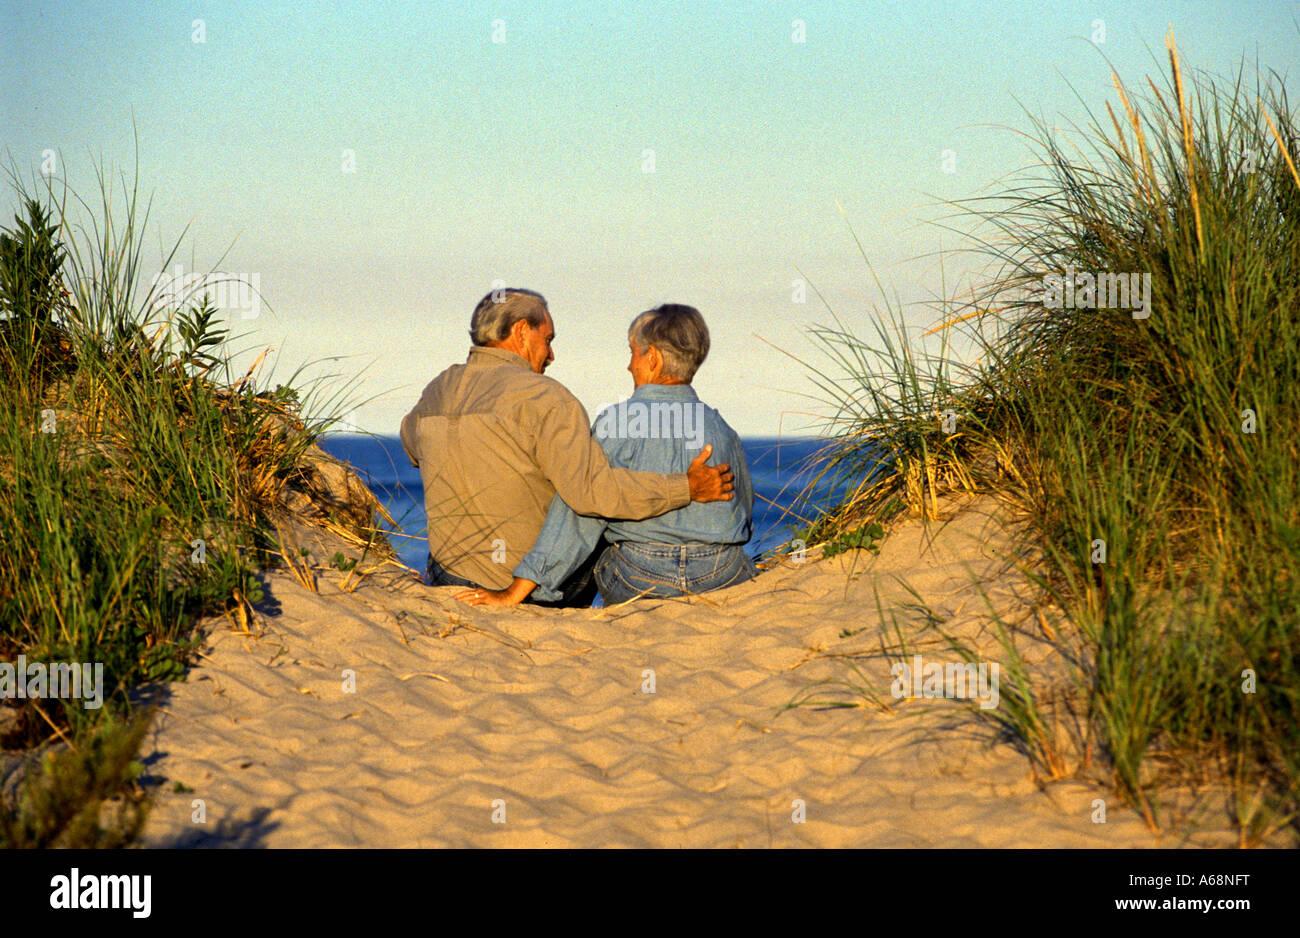 Senior couple enjoy ocean sunset while relaxing on sand dune - Stock Image